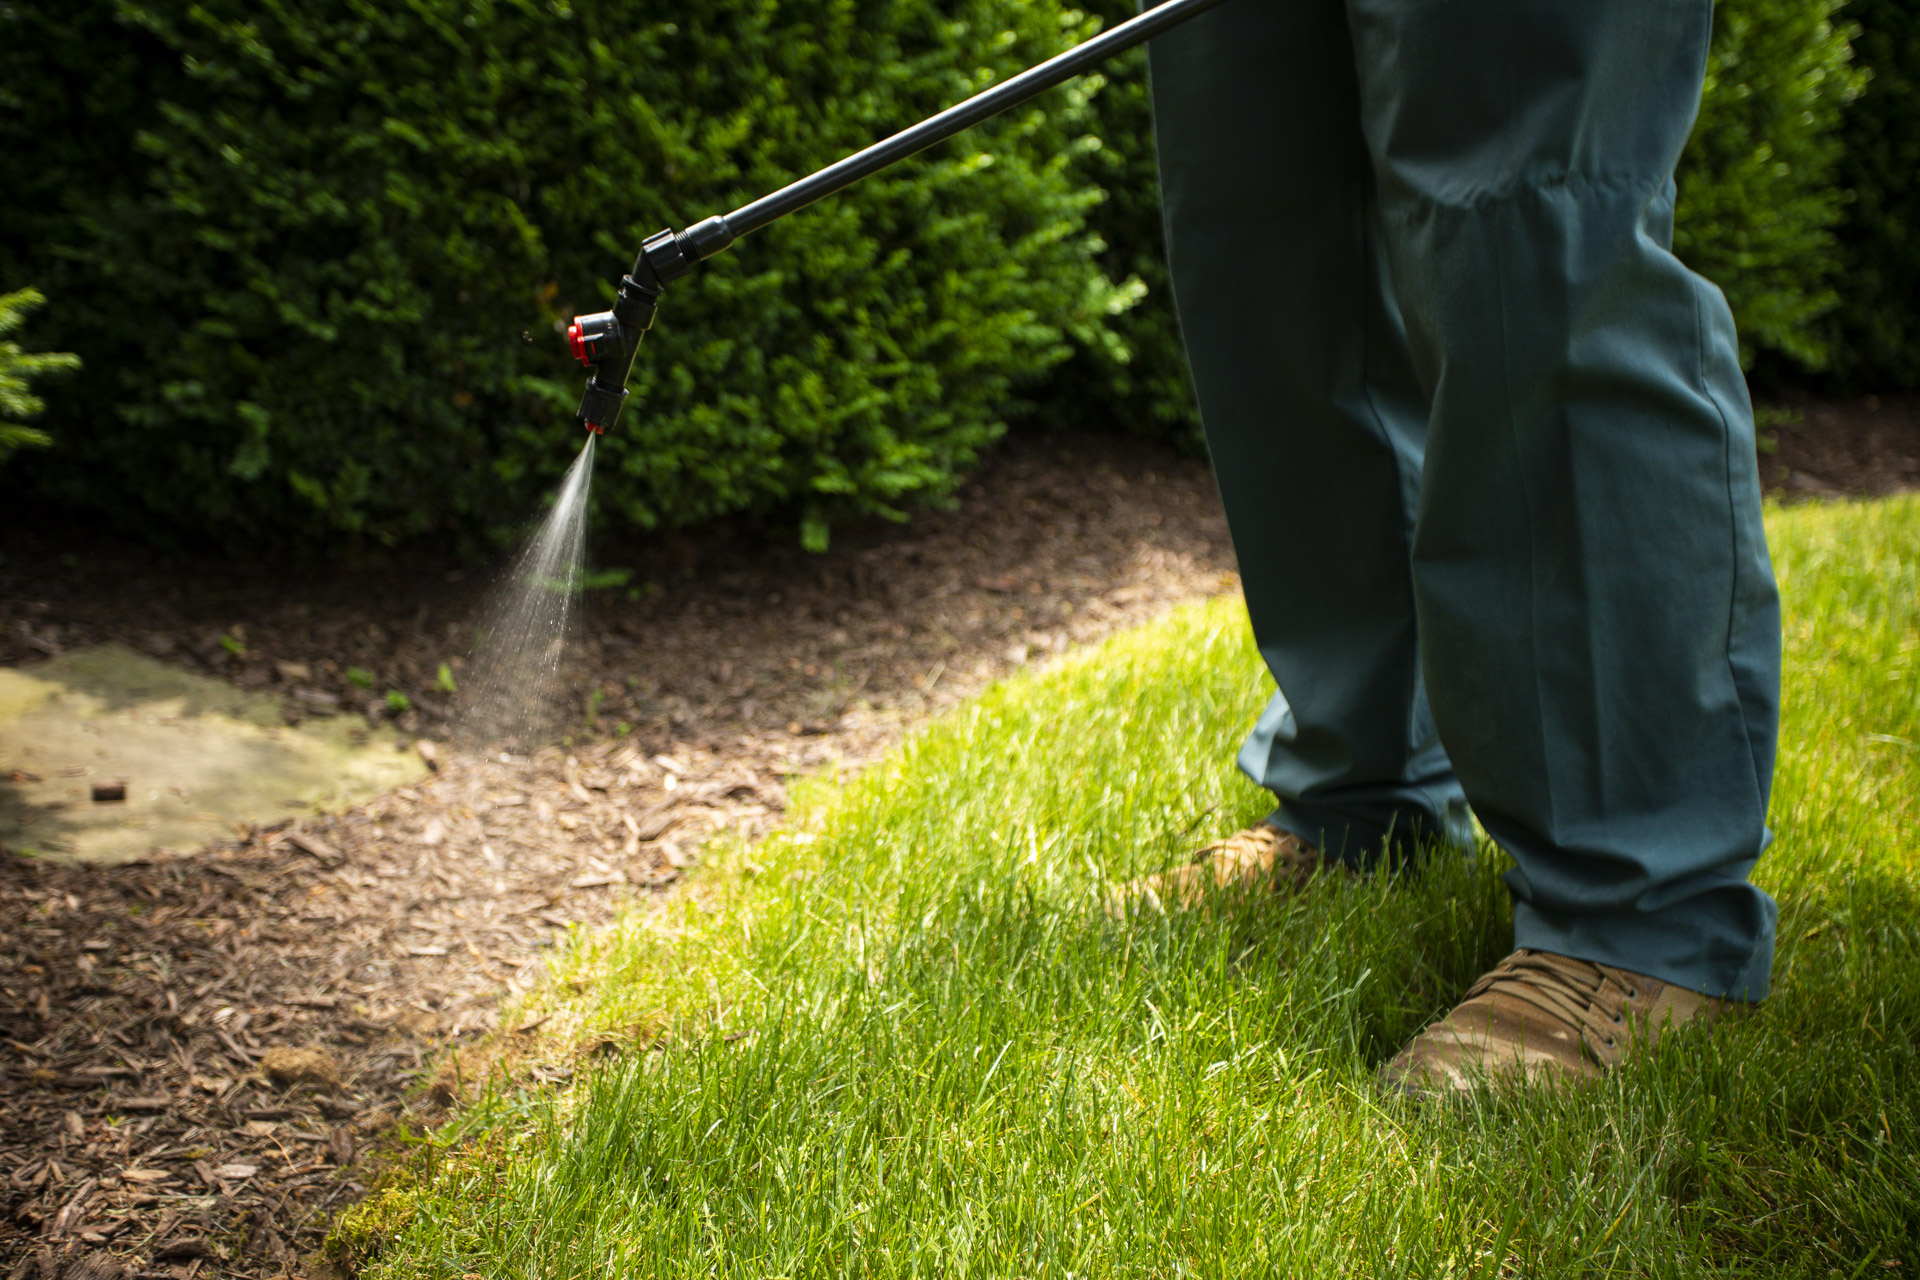 spot-spraying weeds